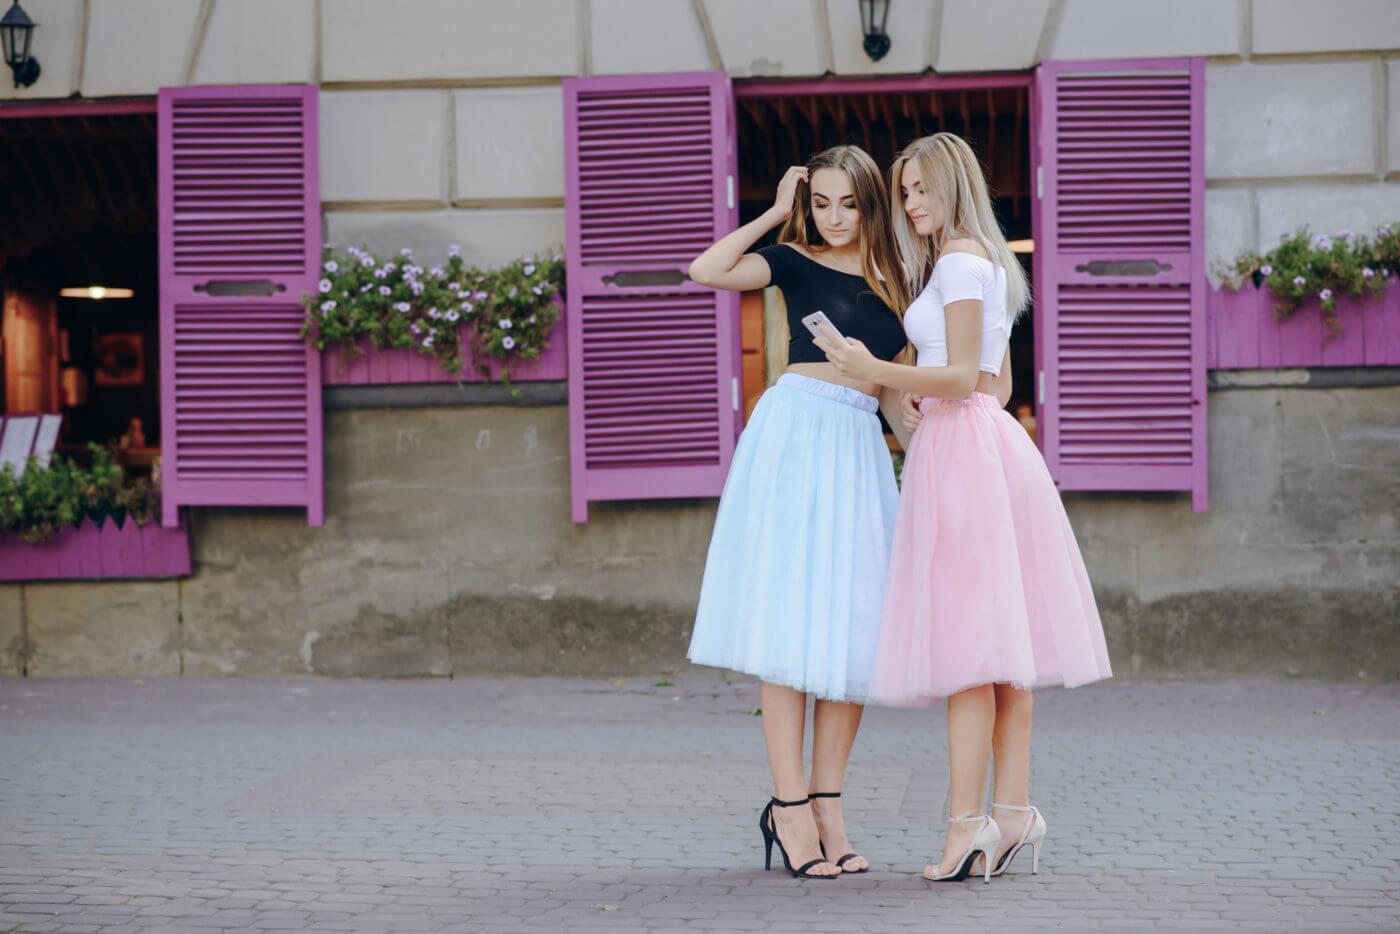 10代のパーティードレスは安くてオシャレなレンタルドレス!